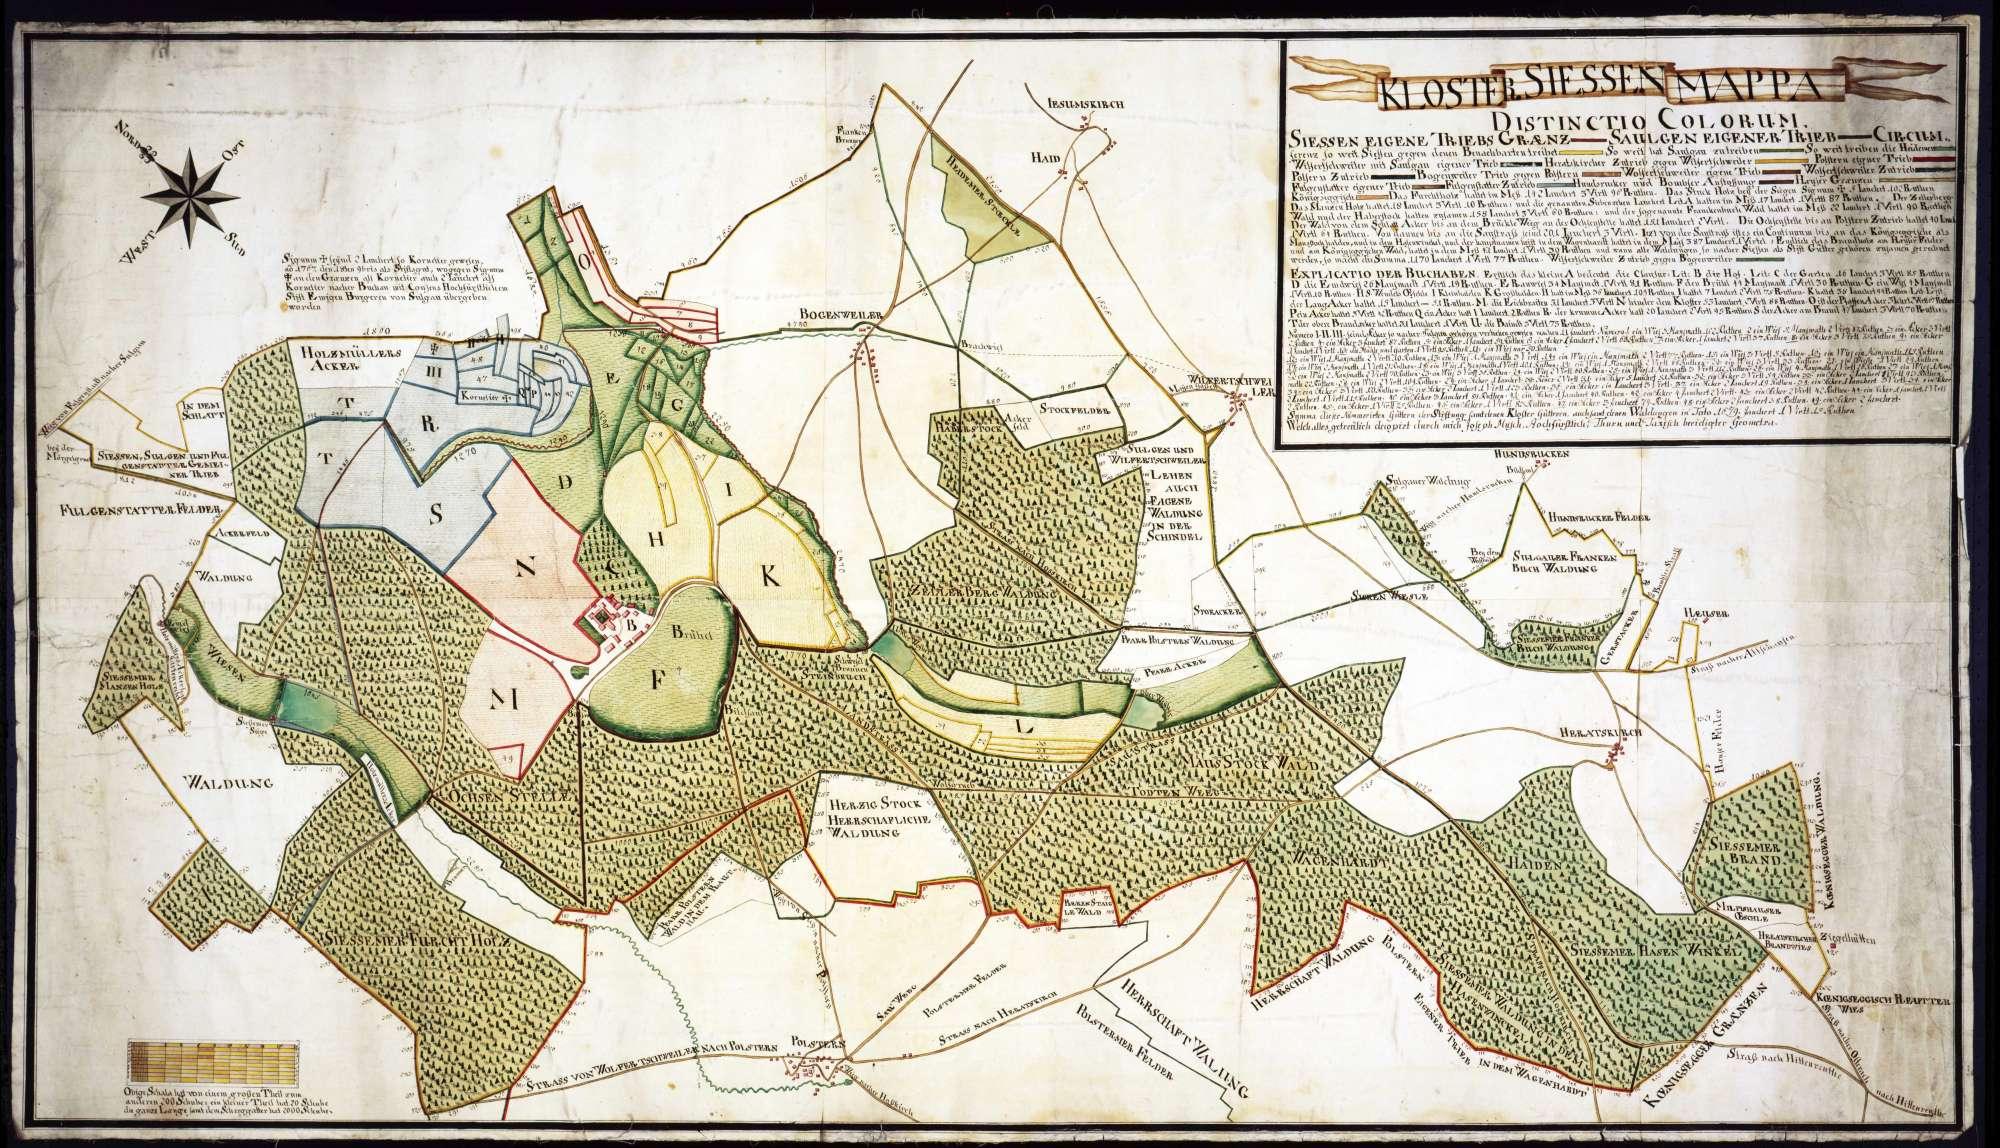 Kloster Sießen mit Markung Maßstab ca. 1 : 4200 kopiert von Joseph Musch, Bild 1